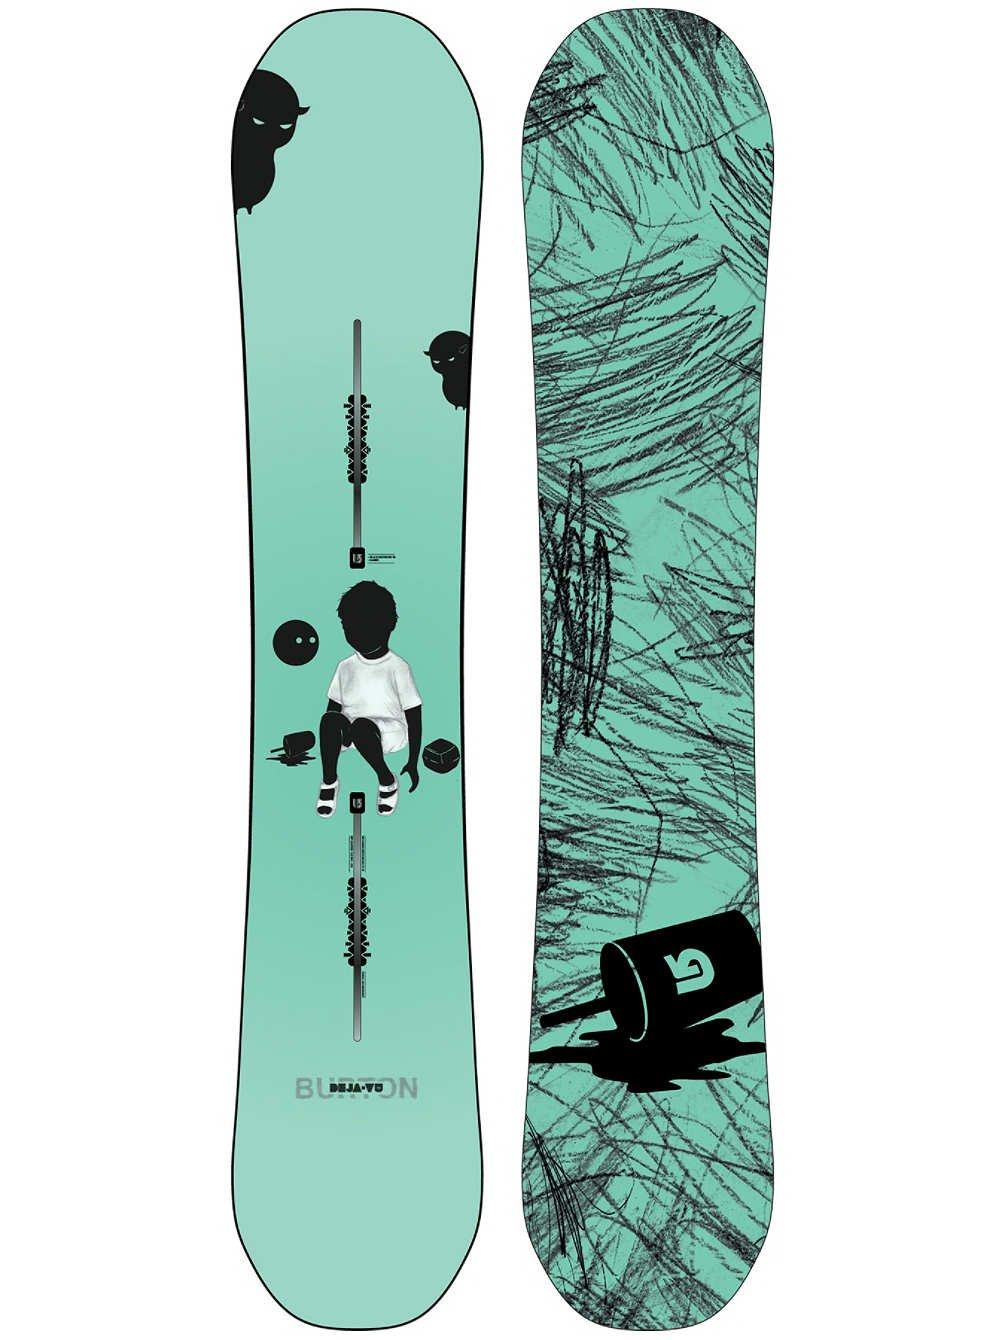 大人女子がスノボを楽しむのに必要だけどレンタルできるもののスノーボードのイメージ画像